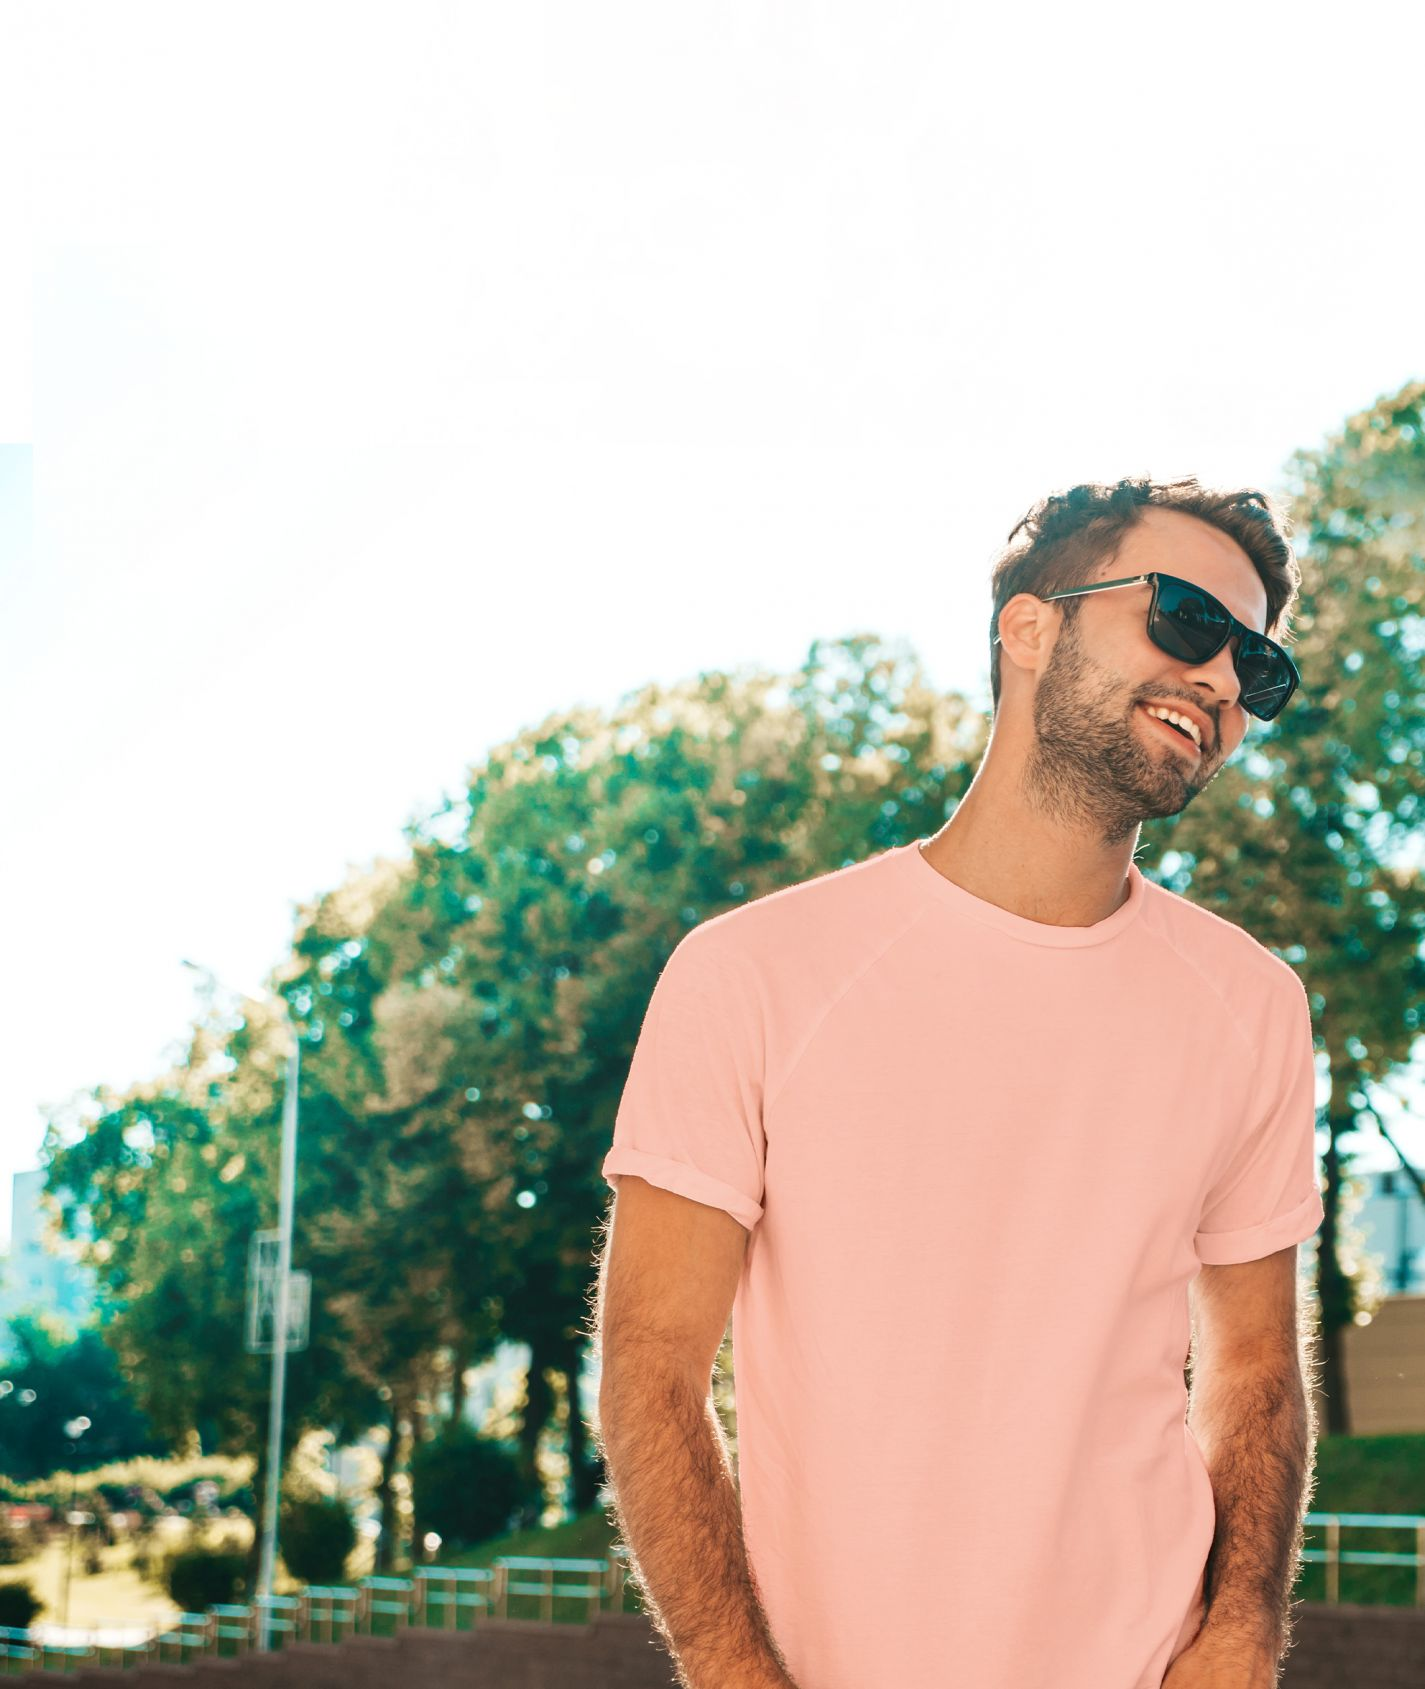 Mann mit rosa T-Shirt und Sonnenbrille